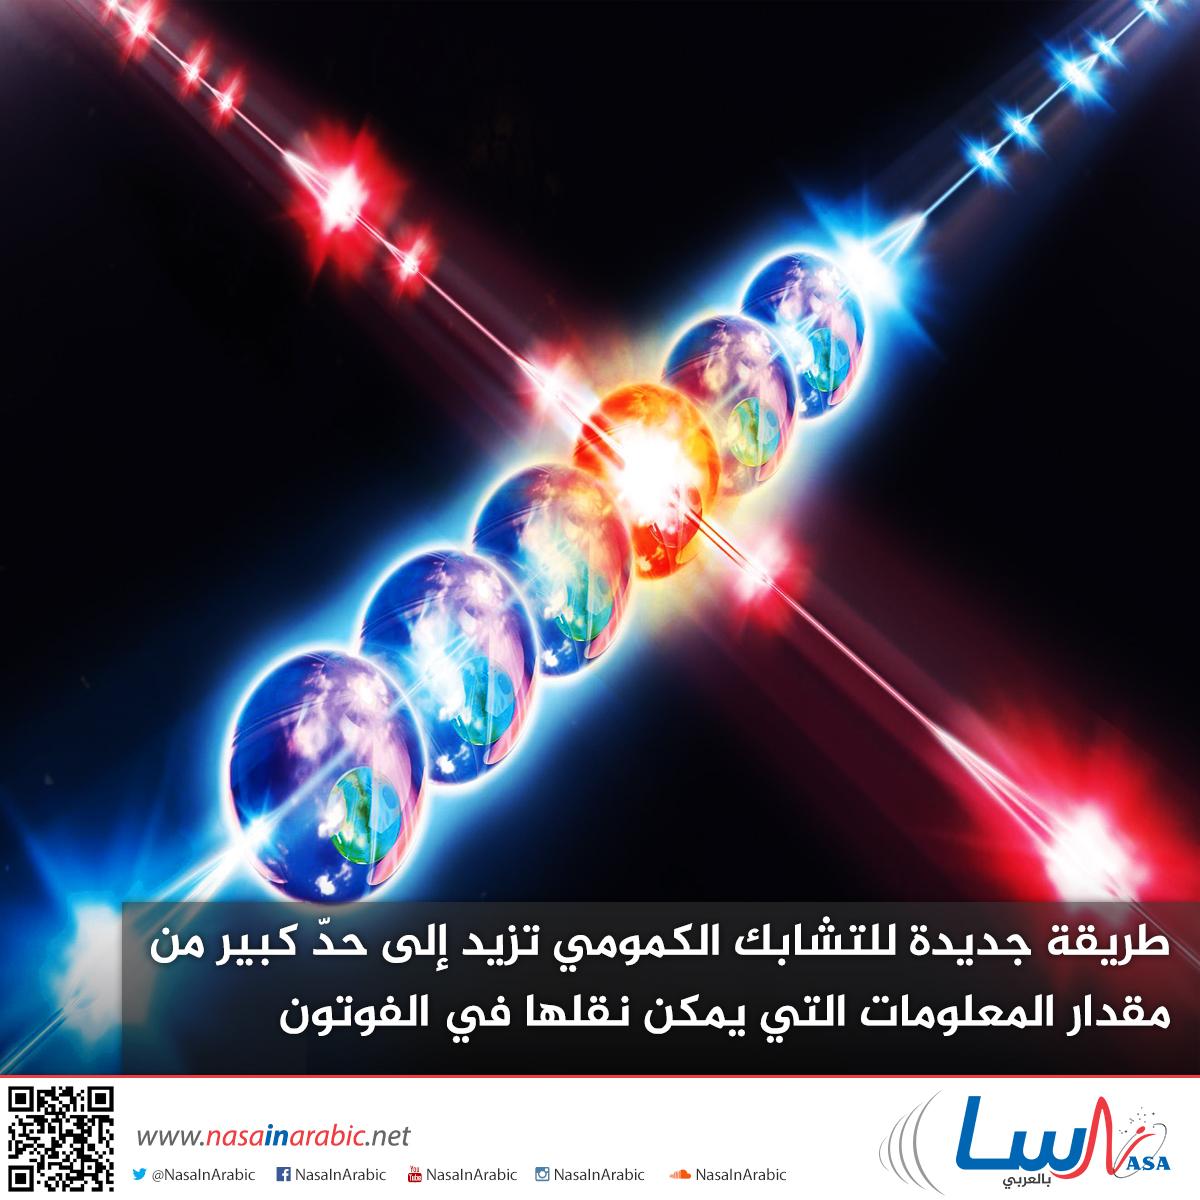 طريقة جديدة للتشابك الكمومي تزيد إلى حدّ كبير من مقدار المعلومات التي يمكن نقلها في الفوتون